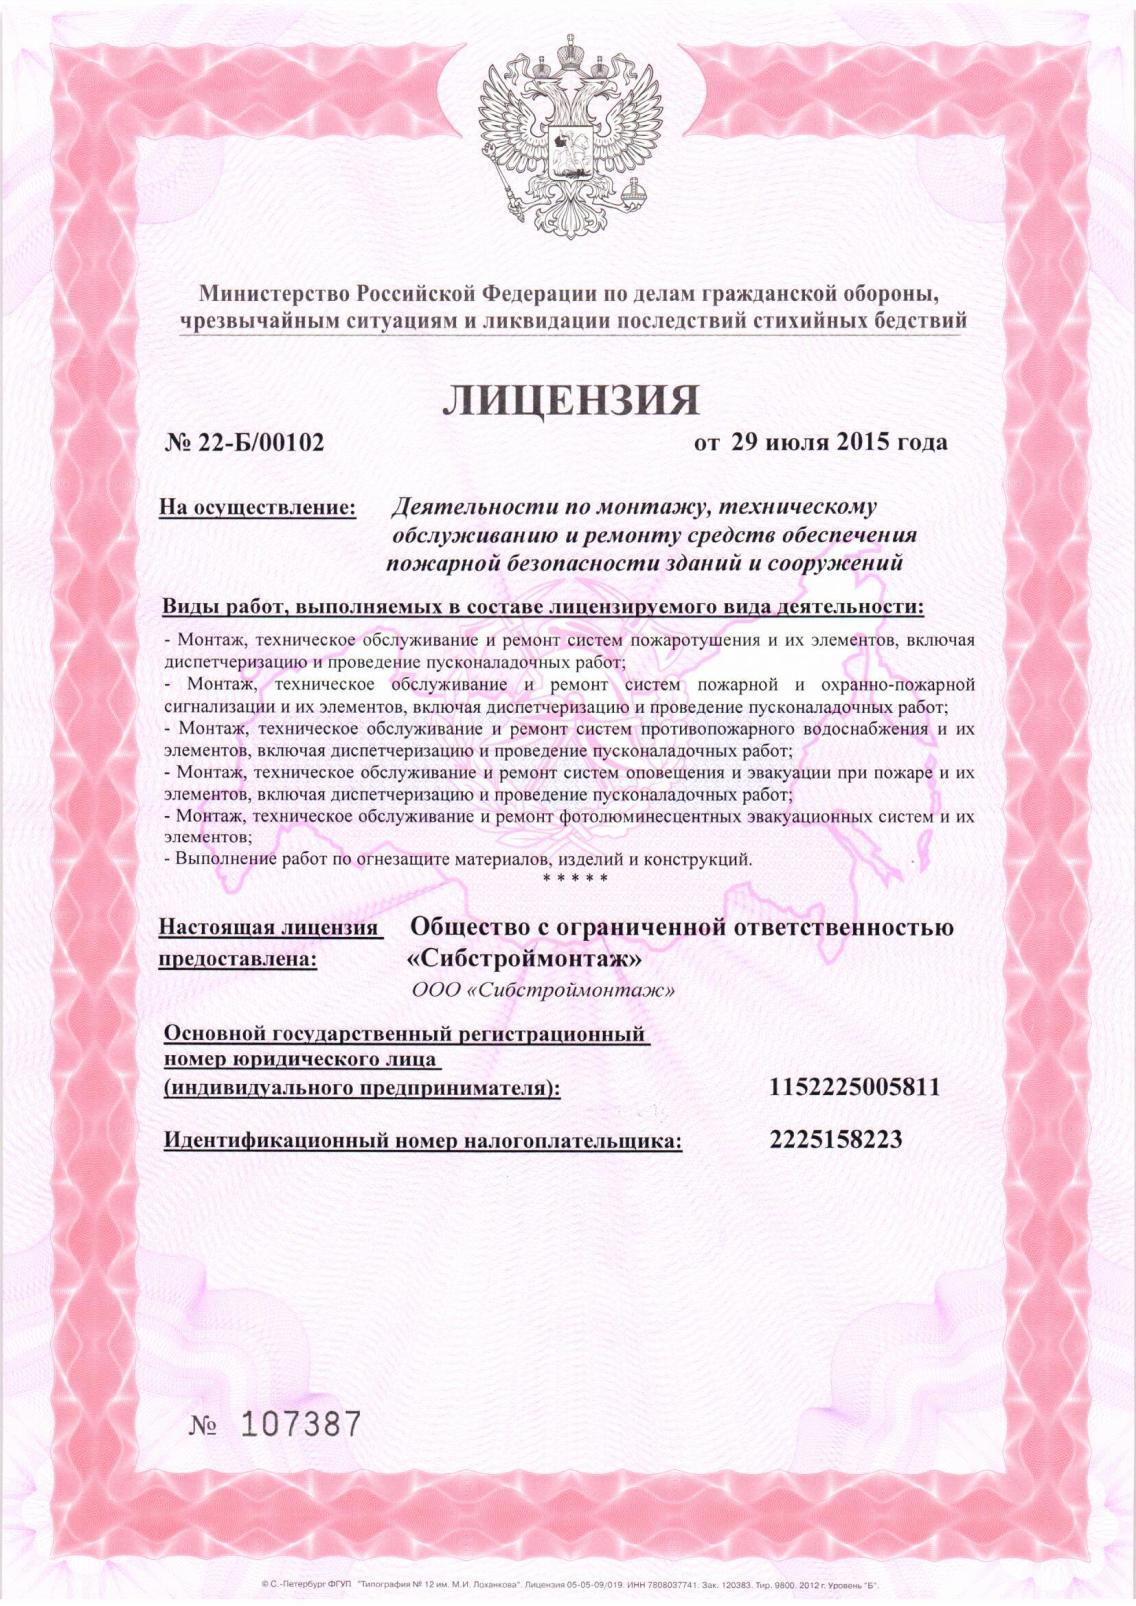 Лицензия по пожарной безопасности зданий и сооружений